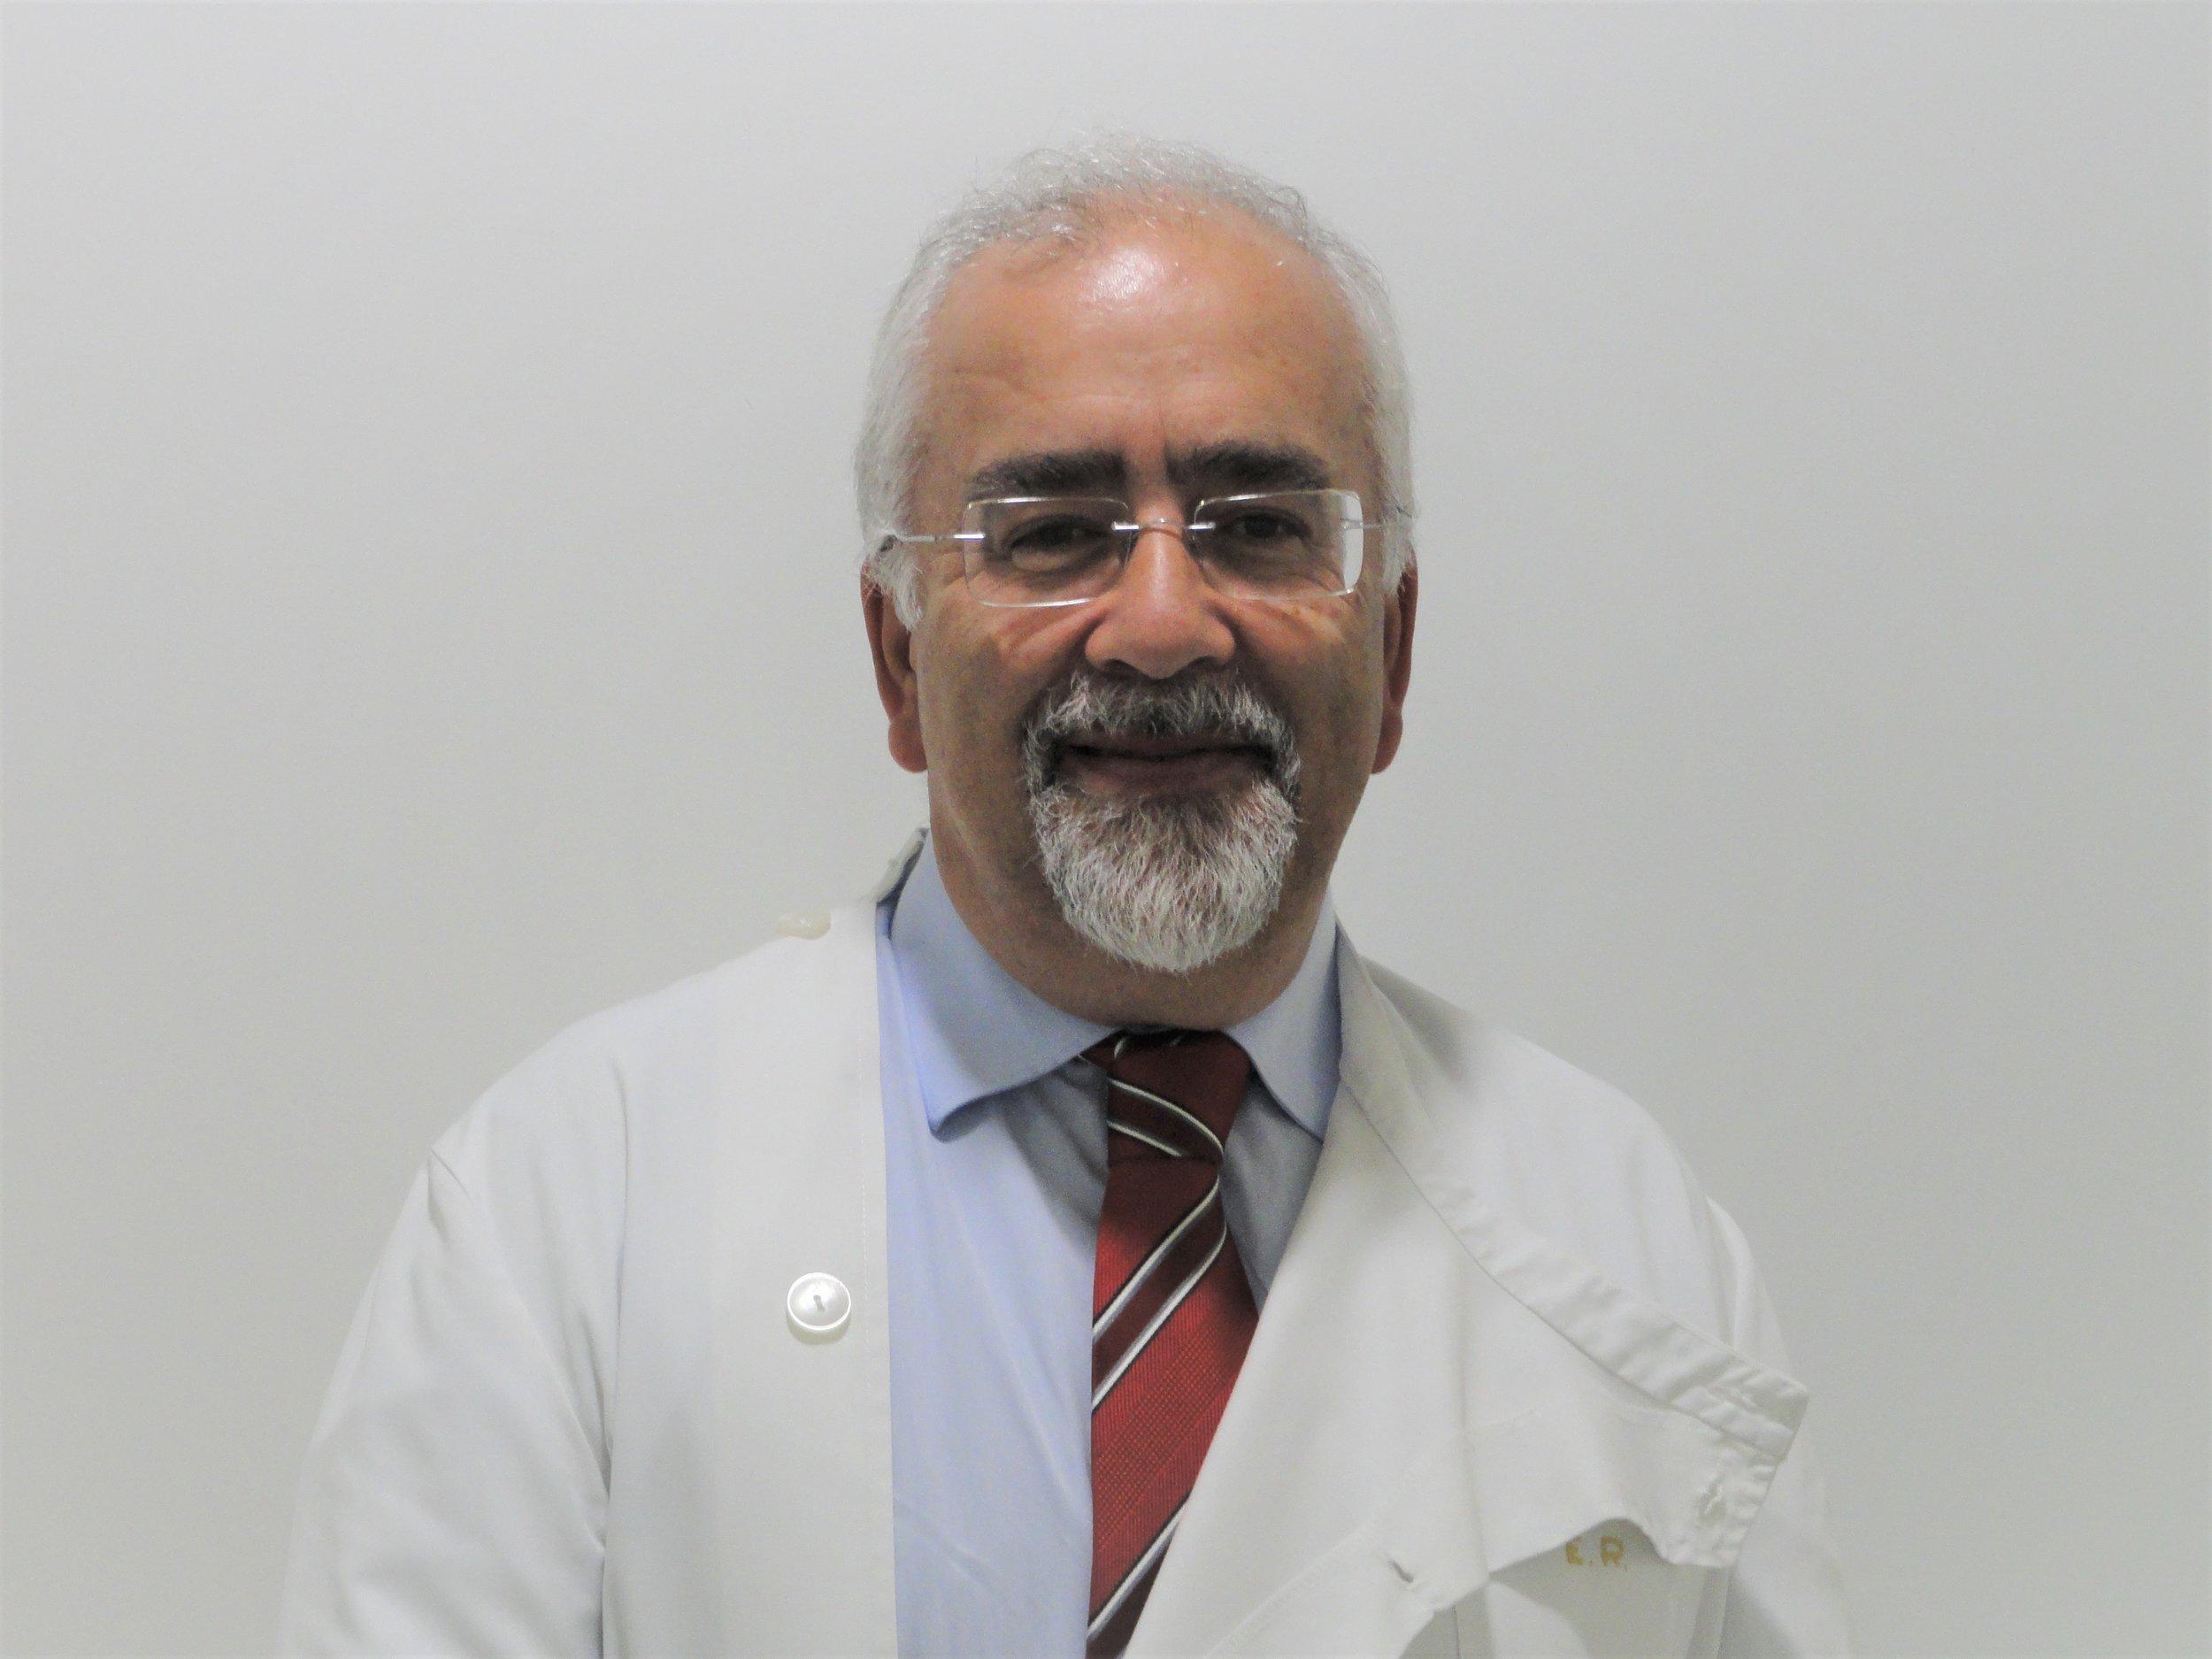 Dr. Parente Martins copia- Cardiologia (1).jpg